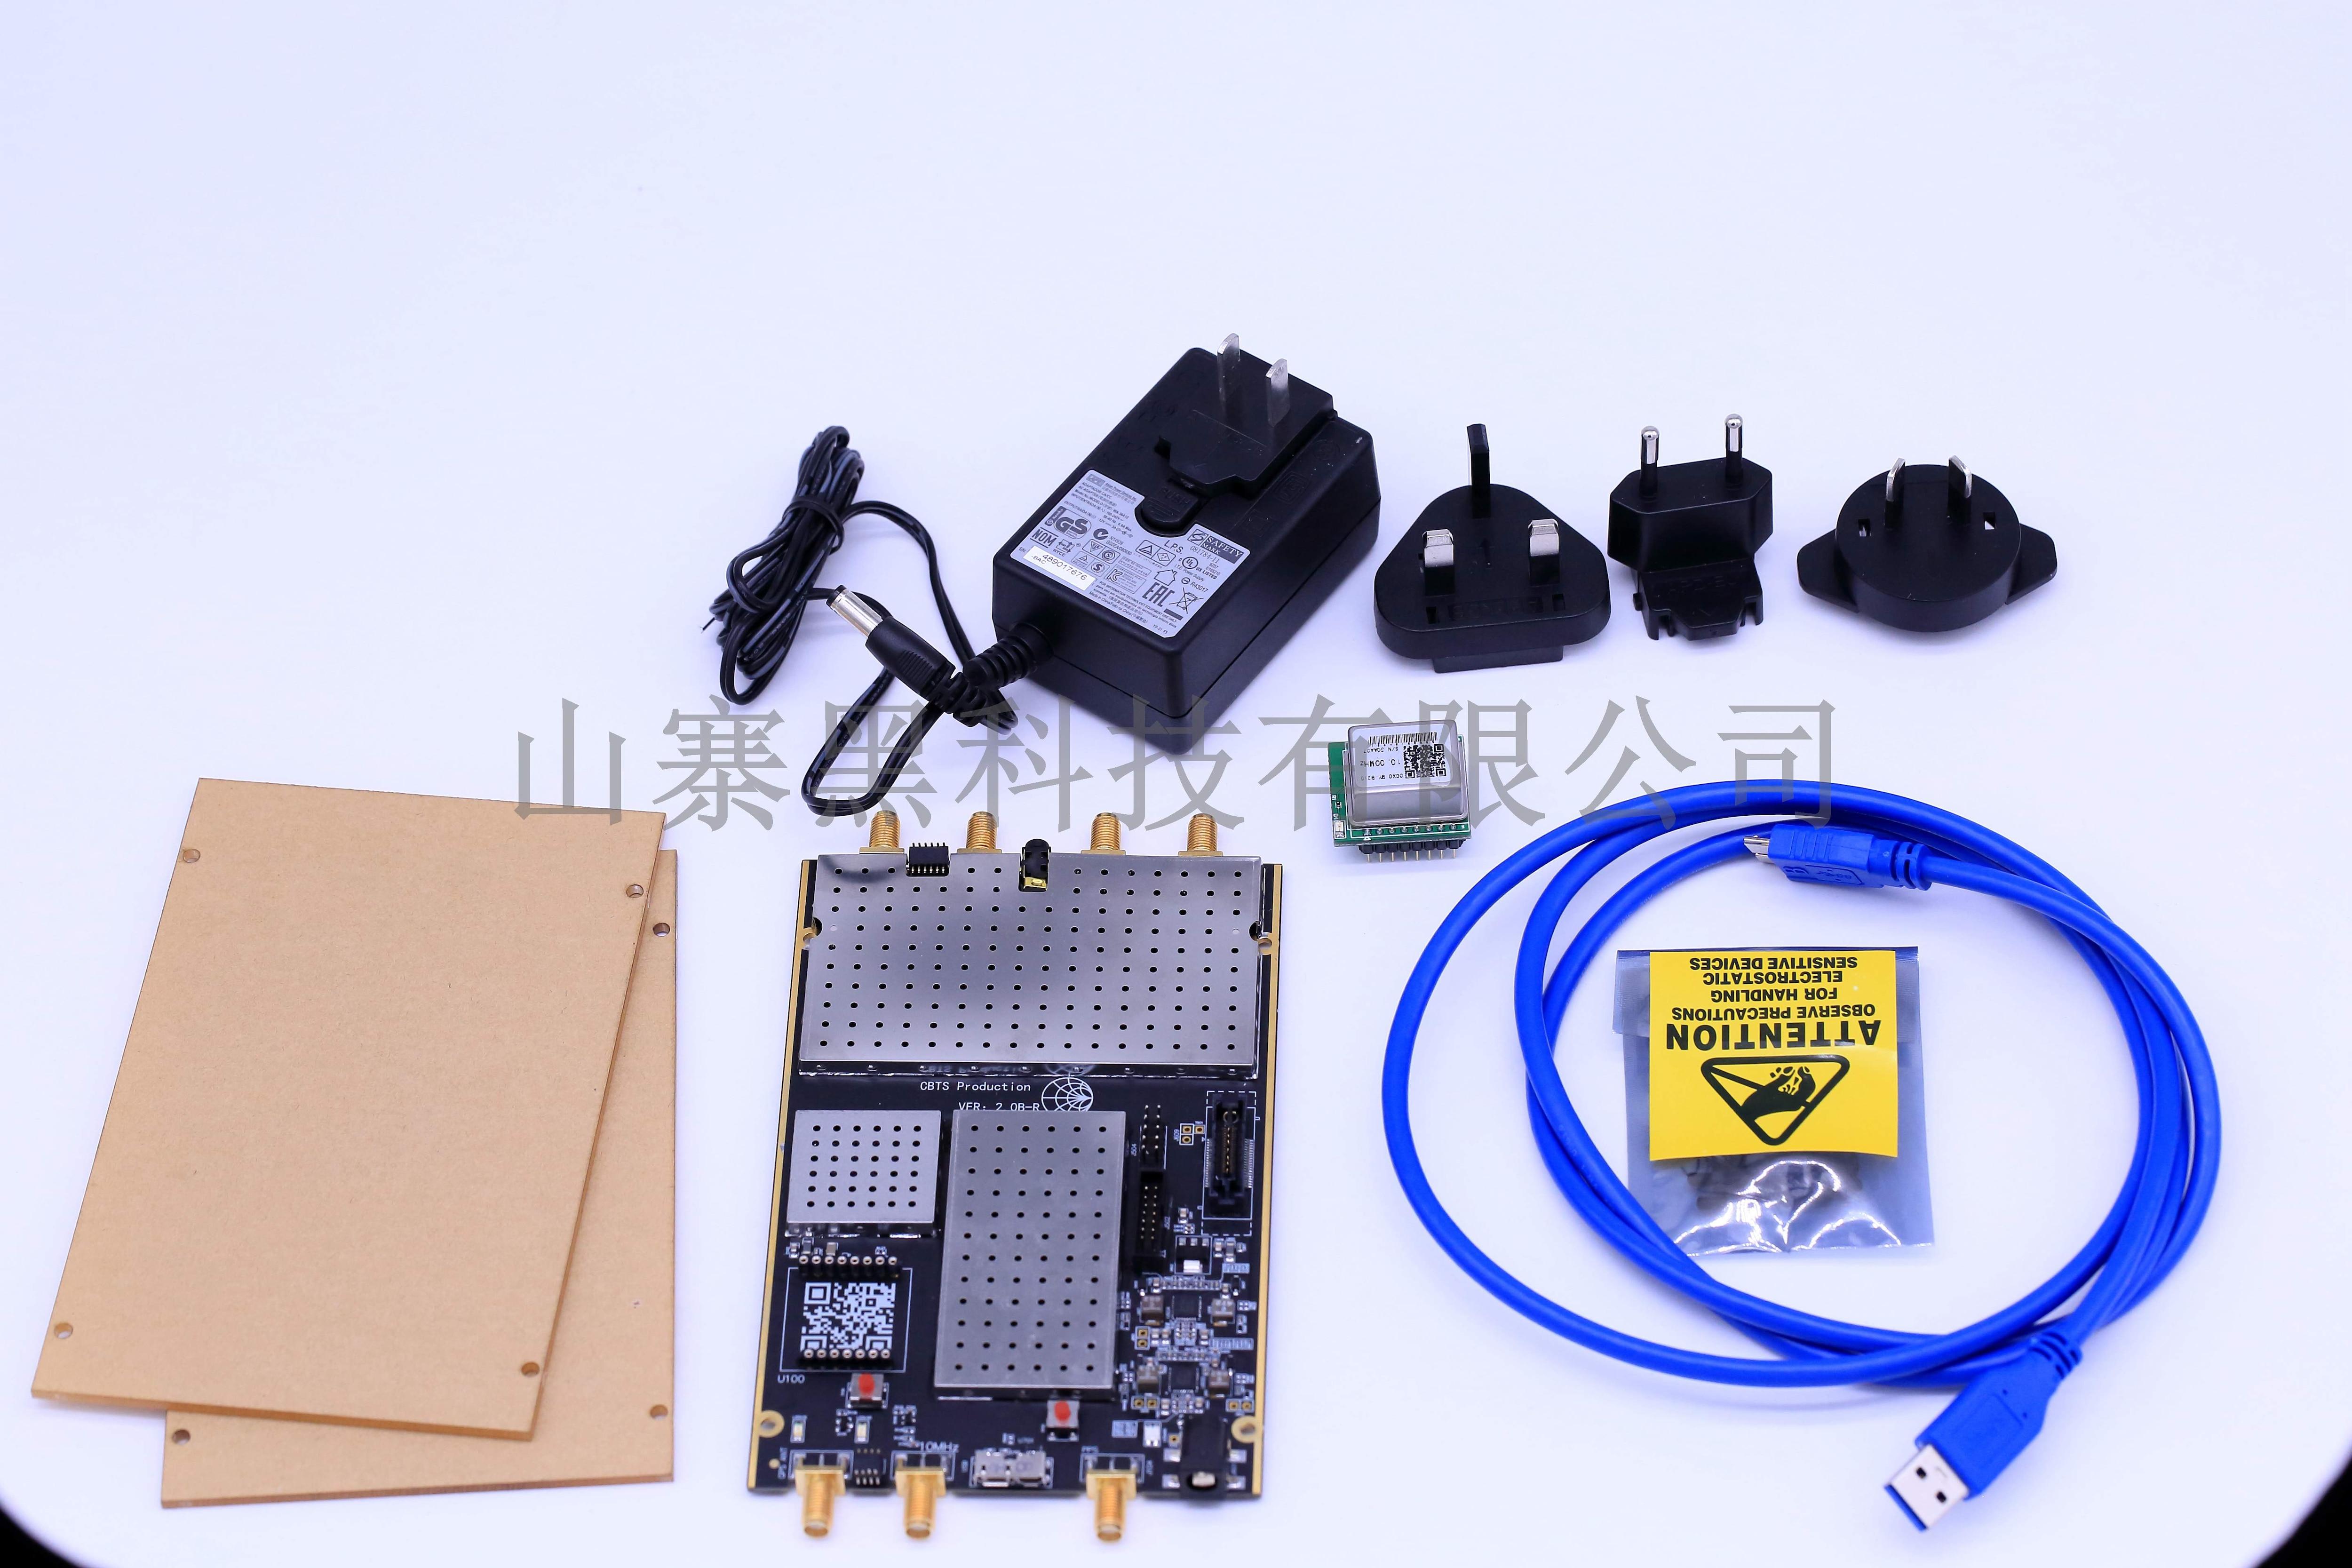 AD9361 70 MHz-6 GHz SDR Radio définie par logiciel USB3.0 Compatible avec USRP B210 + 10MHz GPSDO GPS-DO